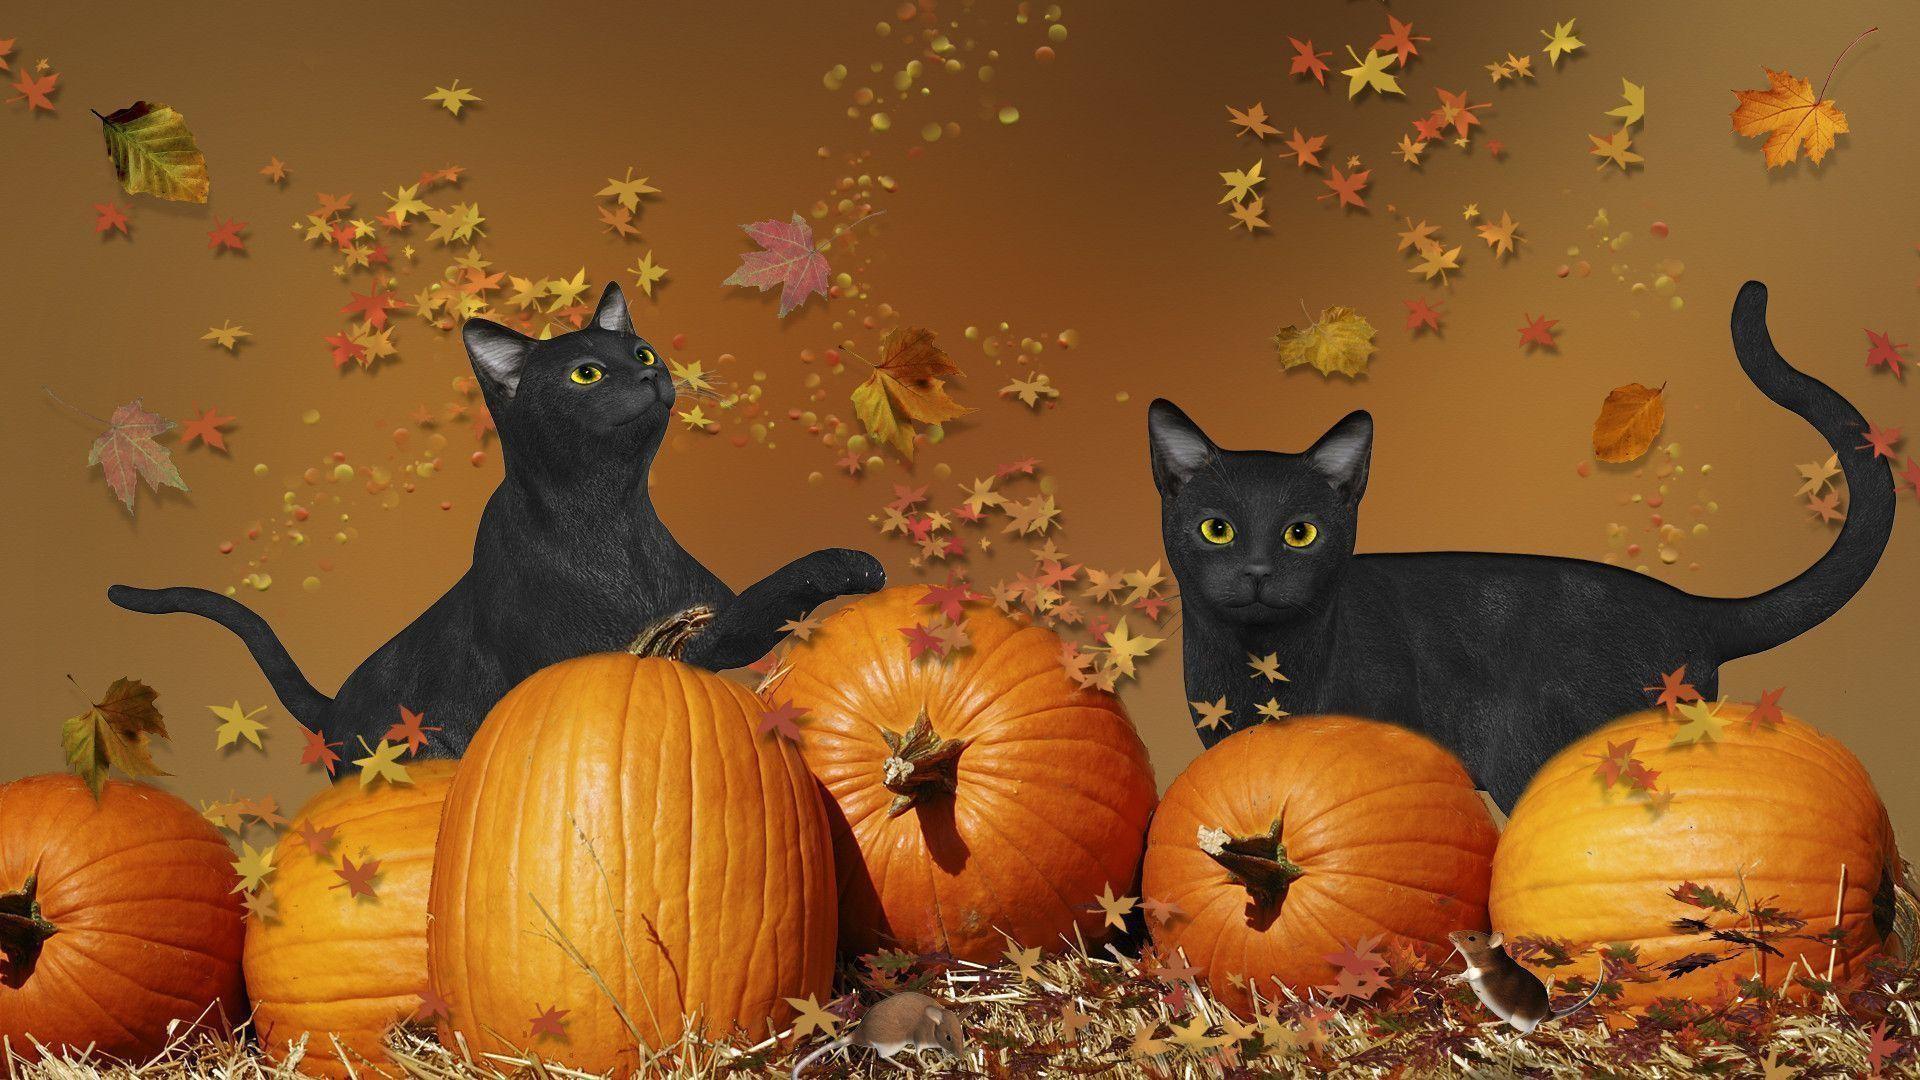 Cute Pumpkin Wallpaper Halloween Cat Wallpaper 183 ①